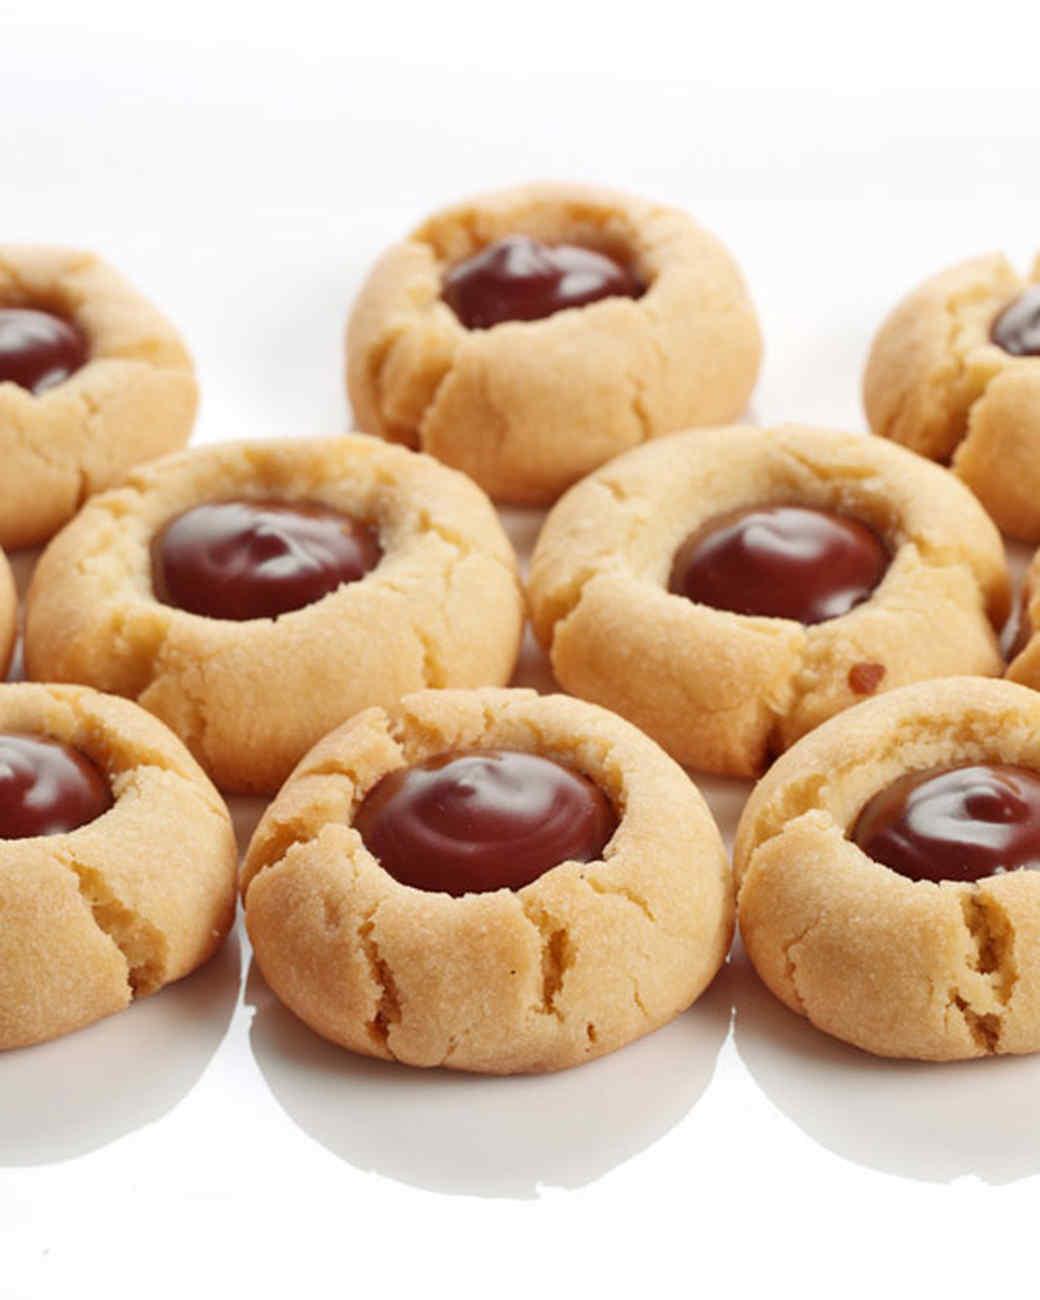 mscookies_xd103069_chcthumb.jpg